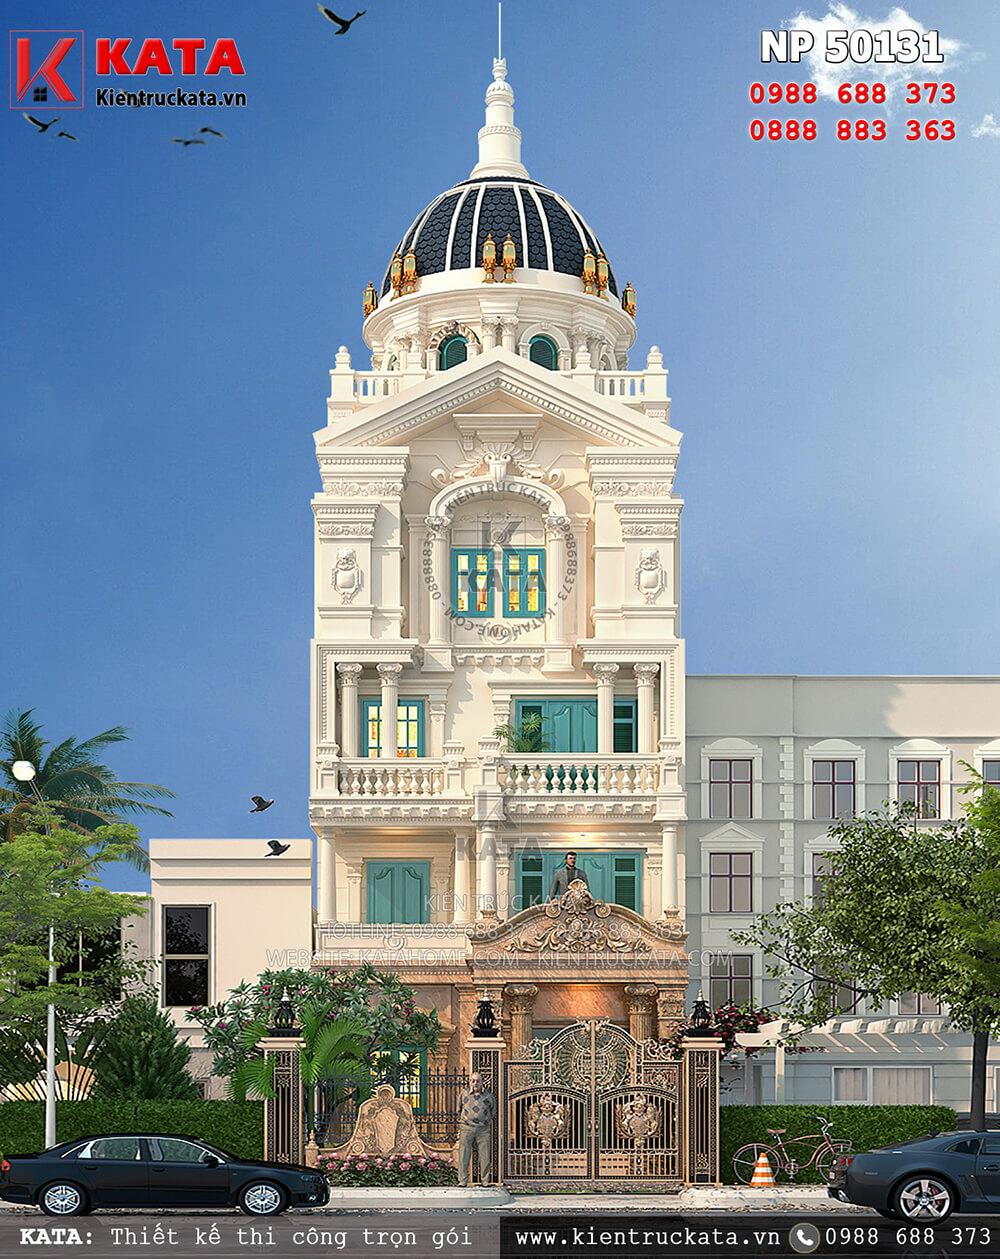 Mặt tiền của mẫu biệt thự lâu đài phố 5 tầng kiến trúc tân cổ điển tại Hà Nội